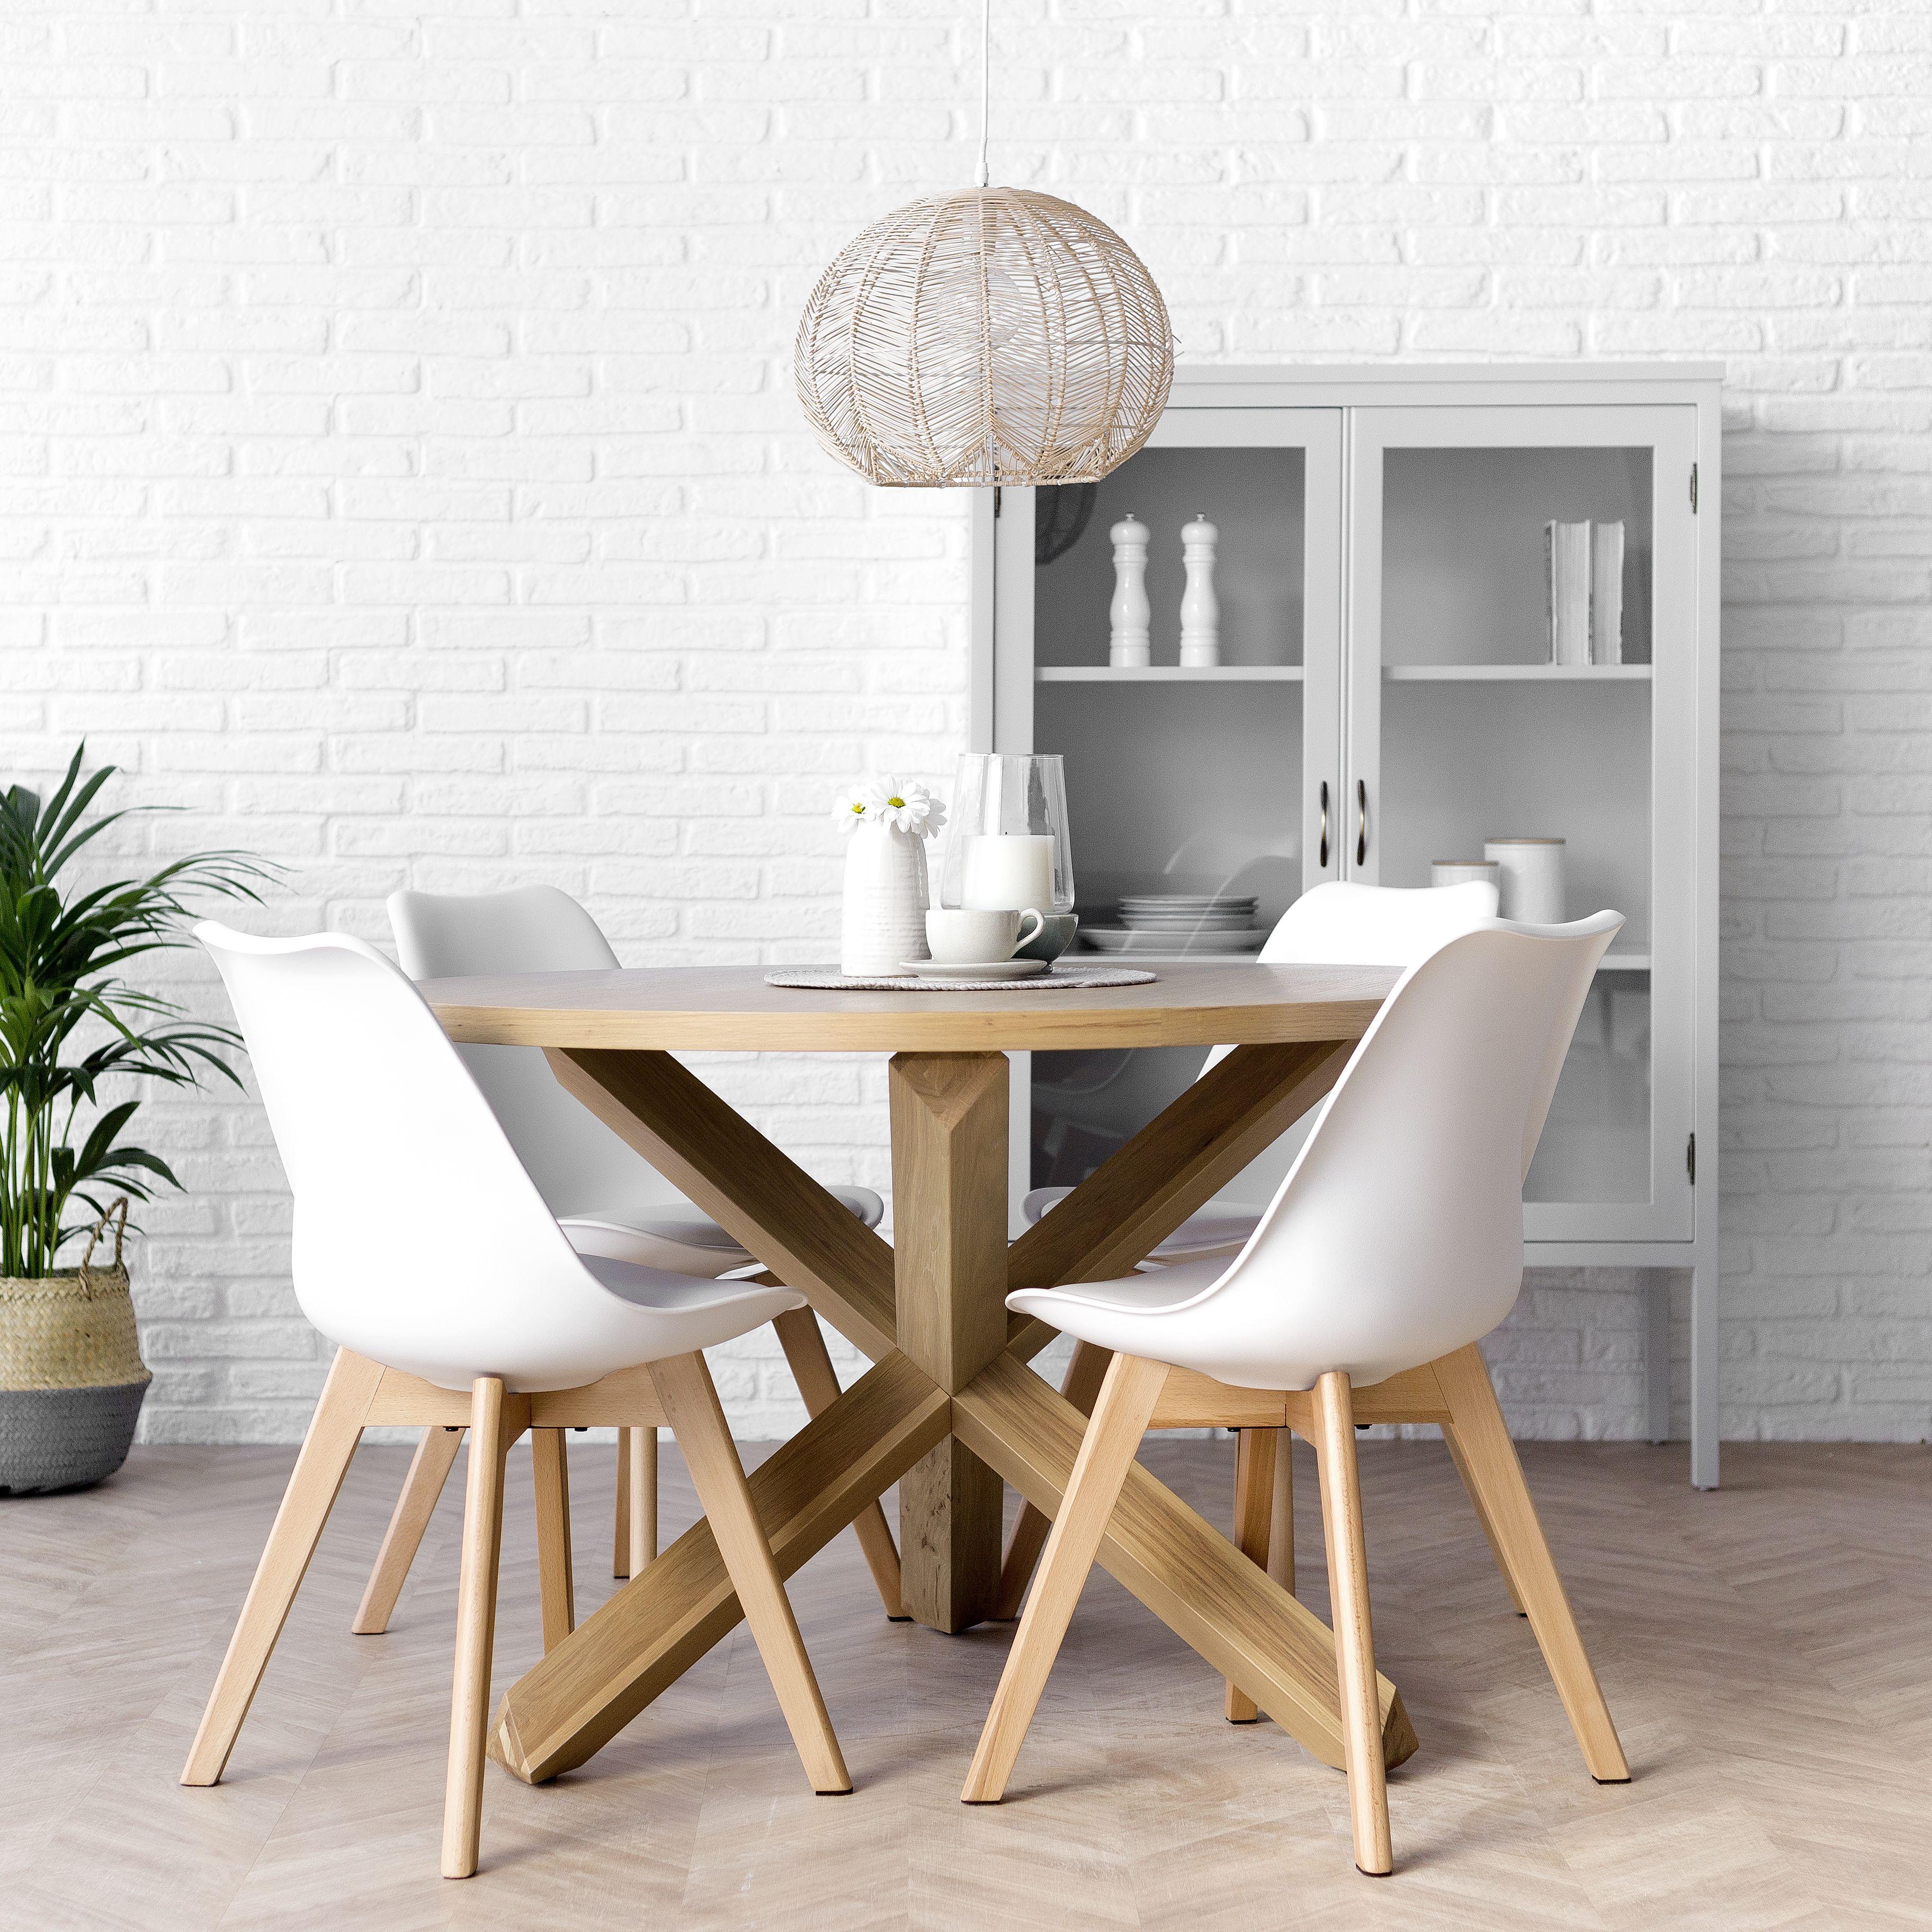 Cross mesa redonda roble | Mesa y sillas cocina, Mesas y ...